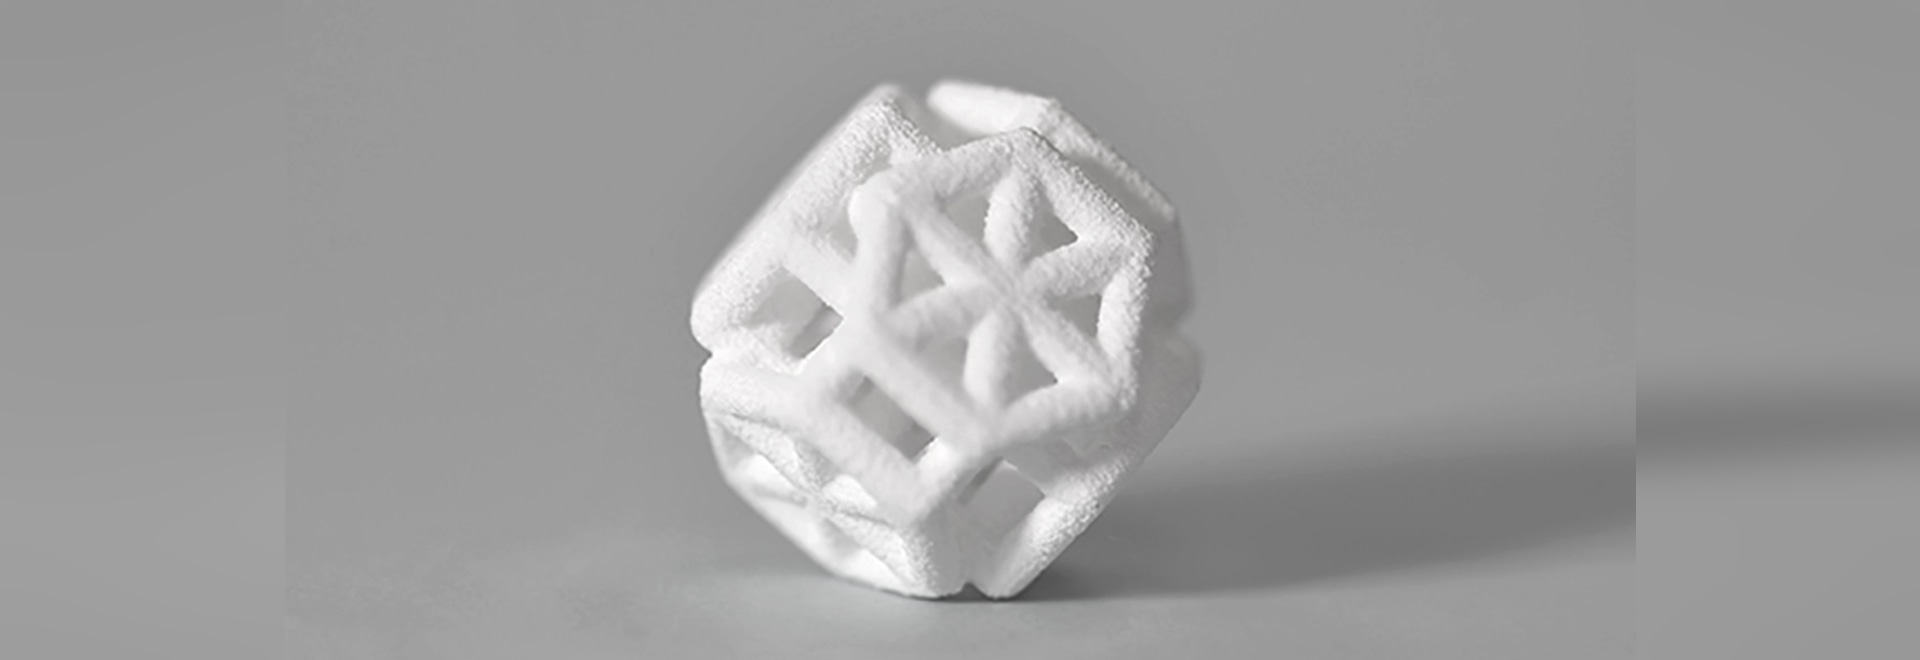 Sturctures complejo con calidad detallada permitió con la impresión 3D